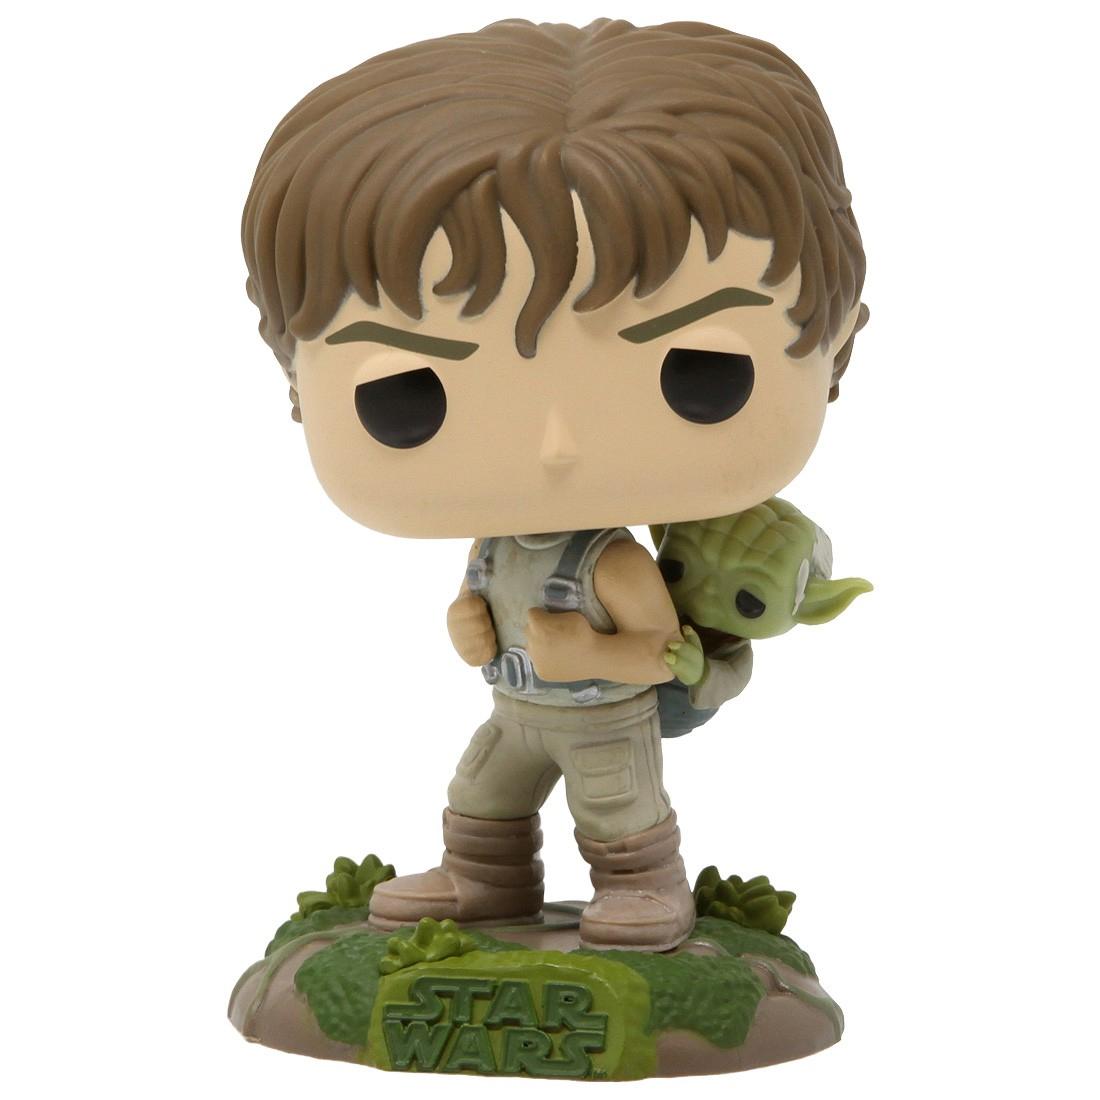 Luke Skywalker & Yoda #363 - Star Wars - Funko Pop!